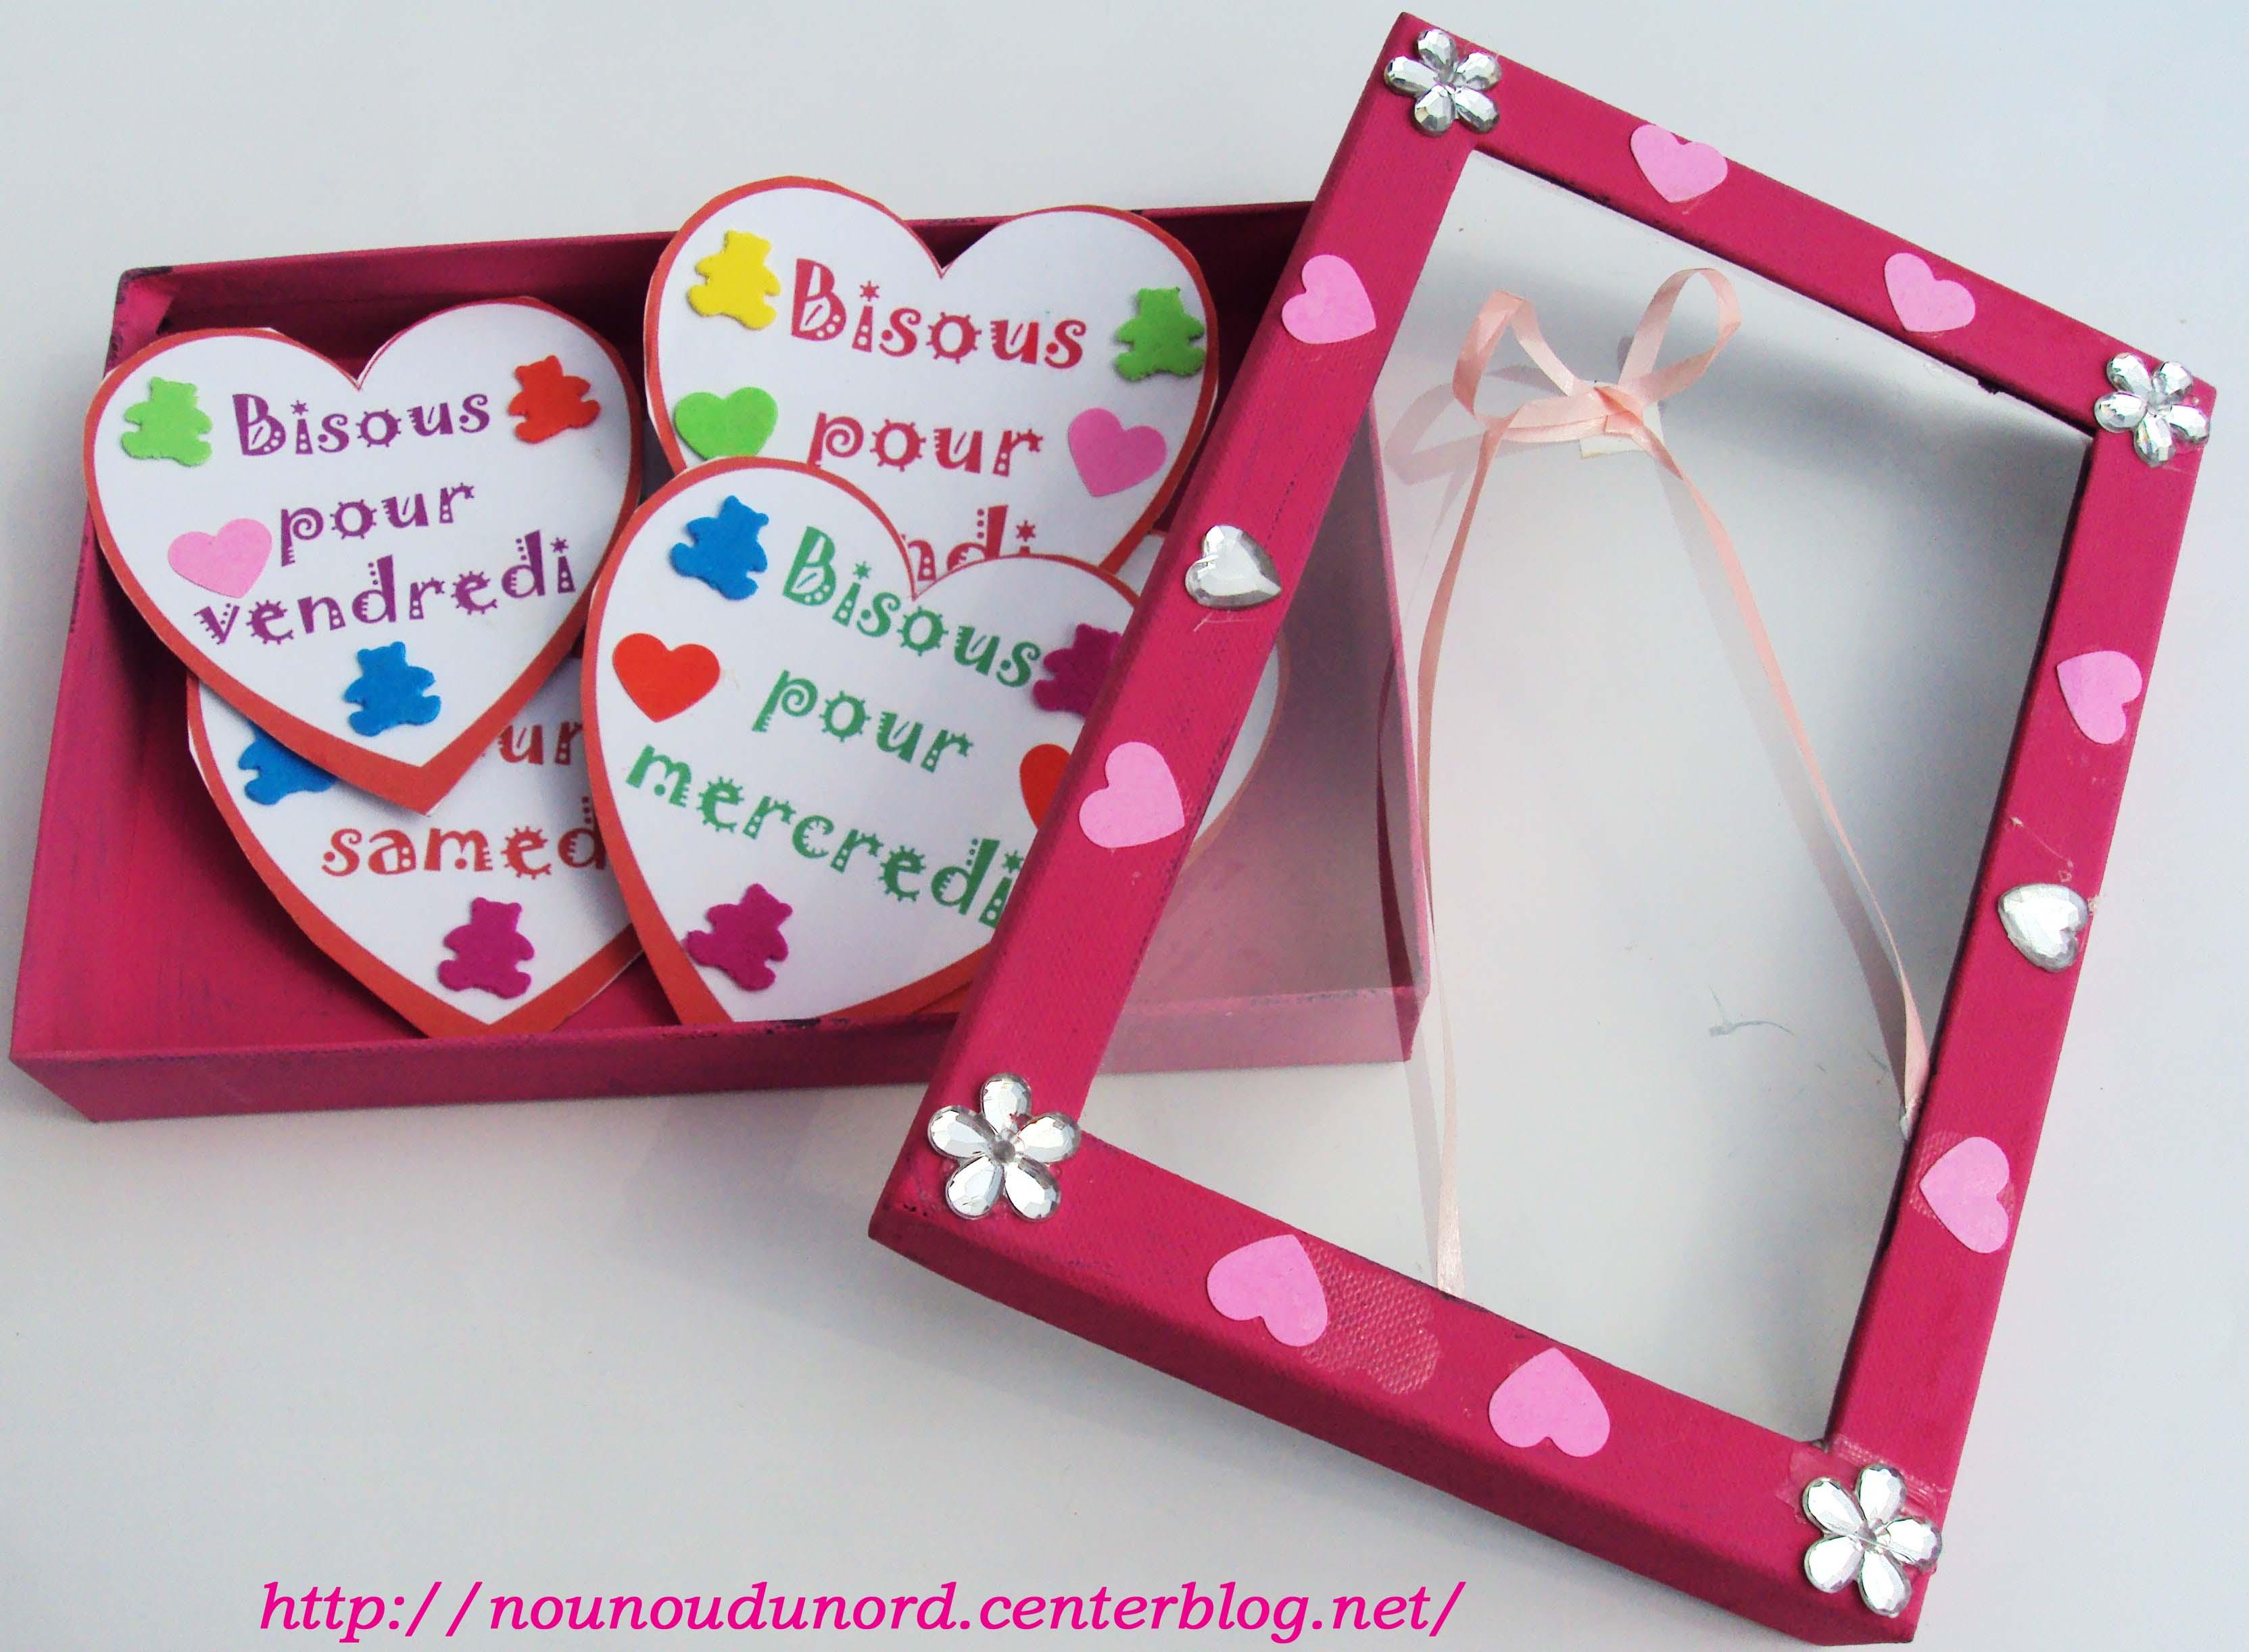 #A42752 Boîte à Bisous Pour Offrir à Lola 5591 idée de décoration de noel manuelle 3327x2444 px @ aertt.com